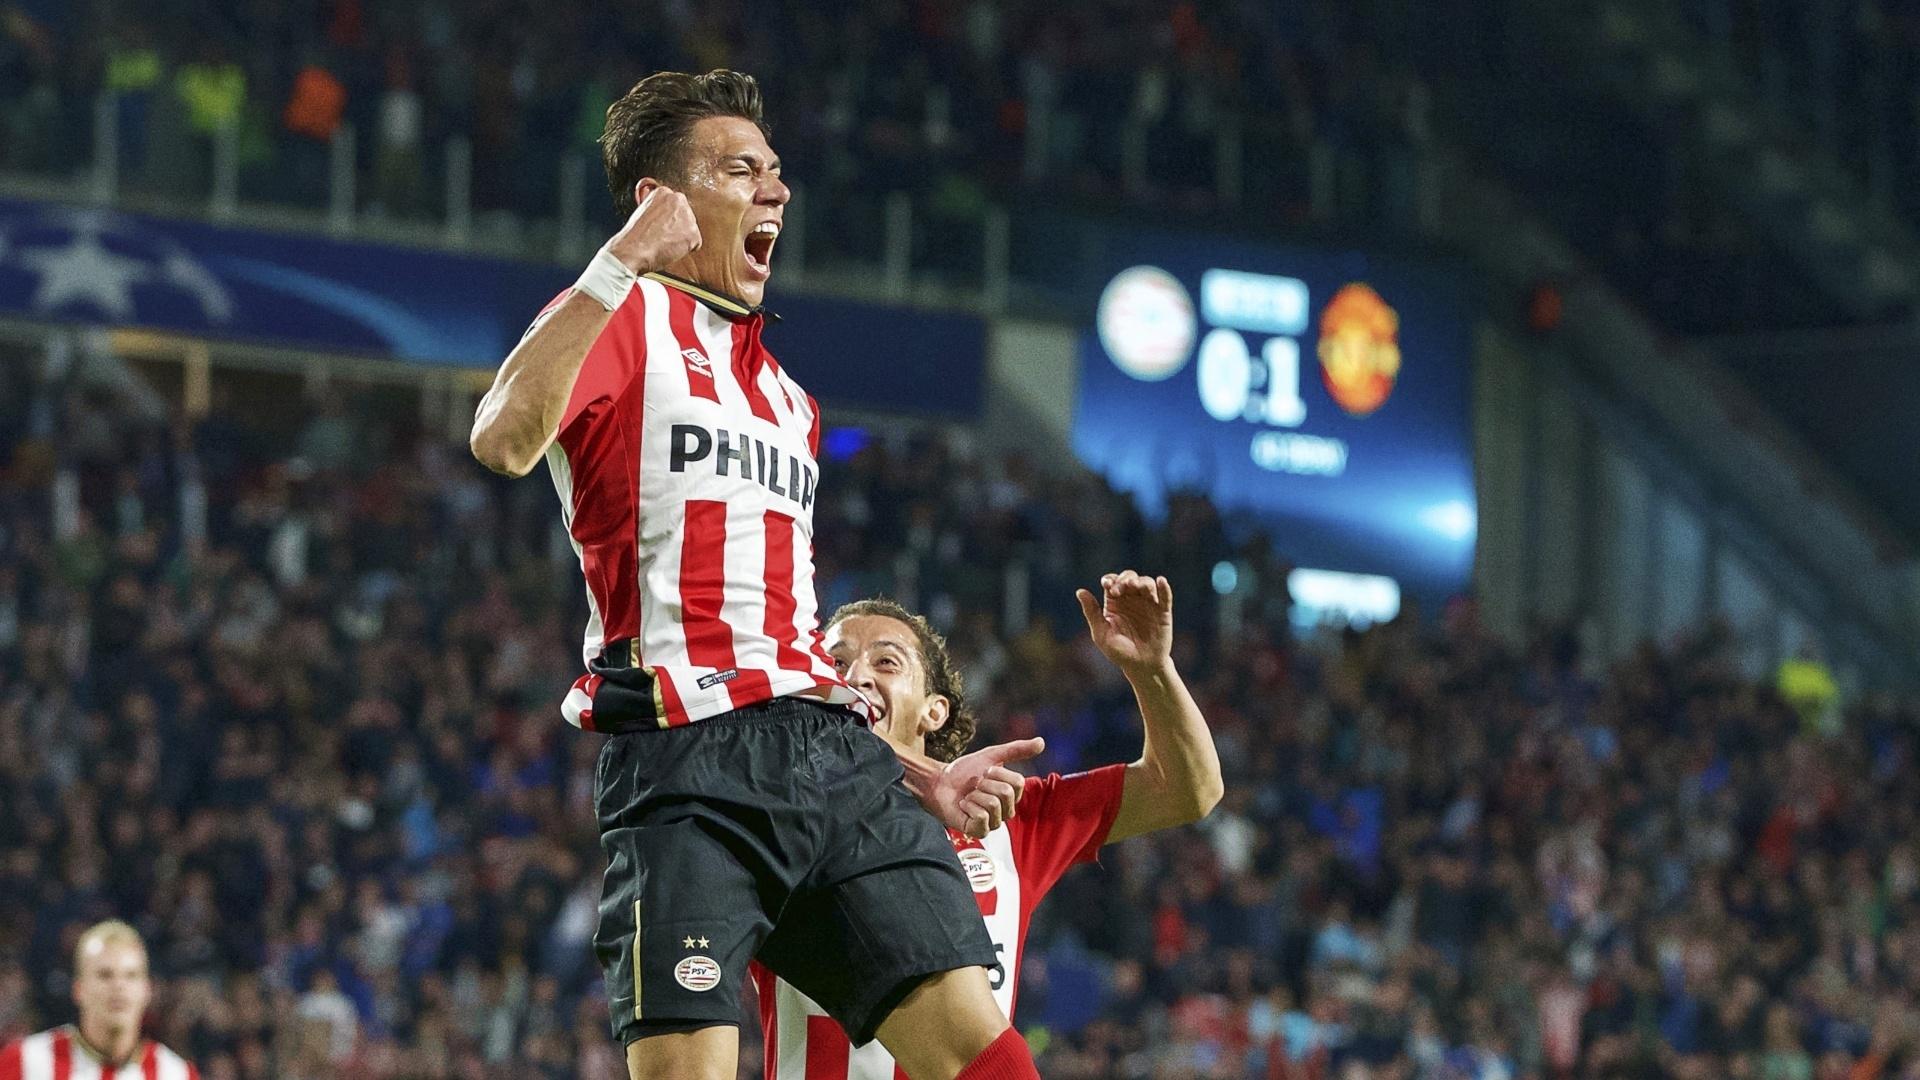 Hector Moreno marcou o gol de empate do PSV após lance que lesionou Luke Shaw